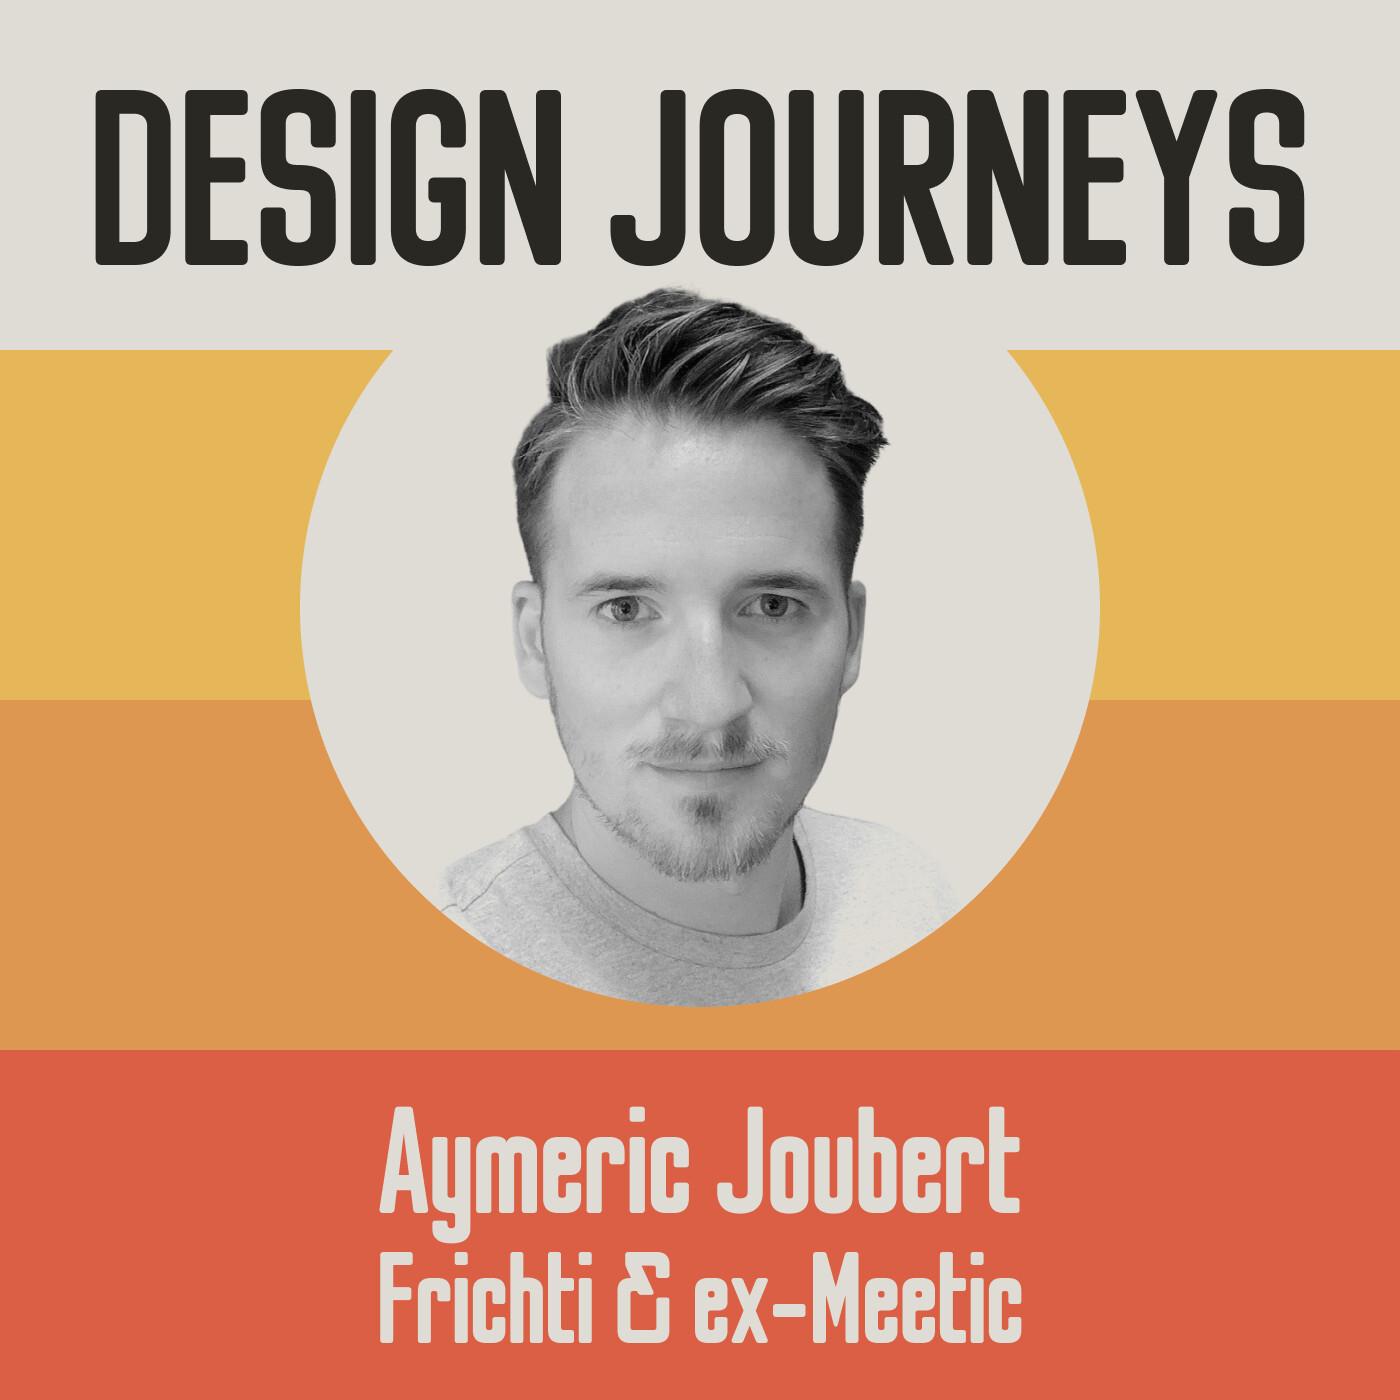 #26 Aymeric Joubert - Frichti & ex-Meetic - Apprendre sans cesse pour créer le meilleur design